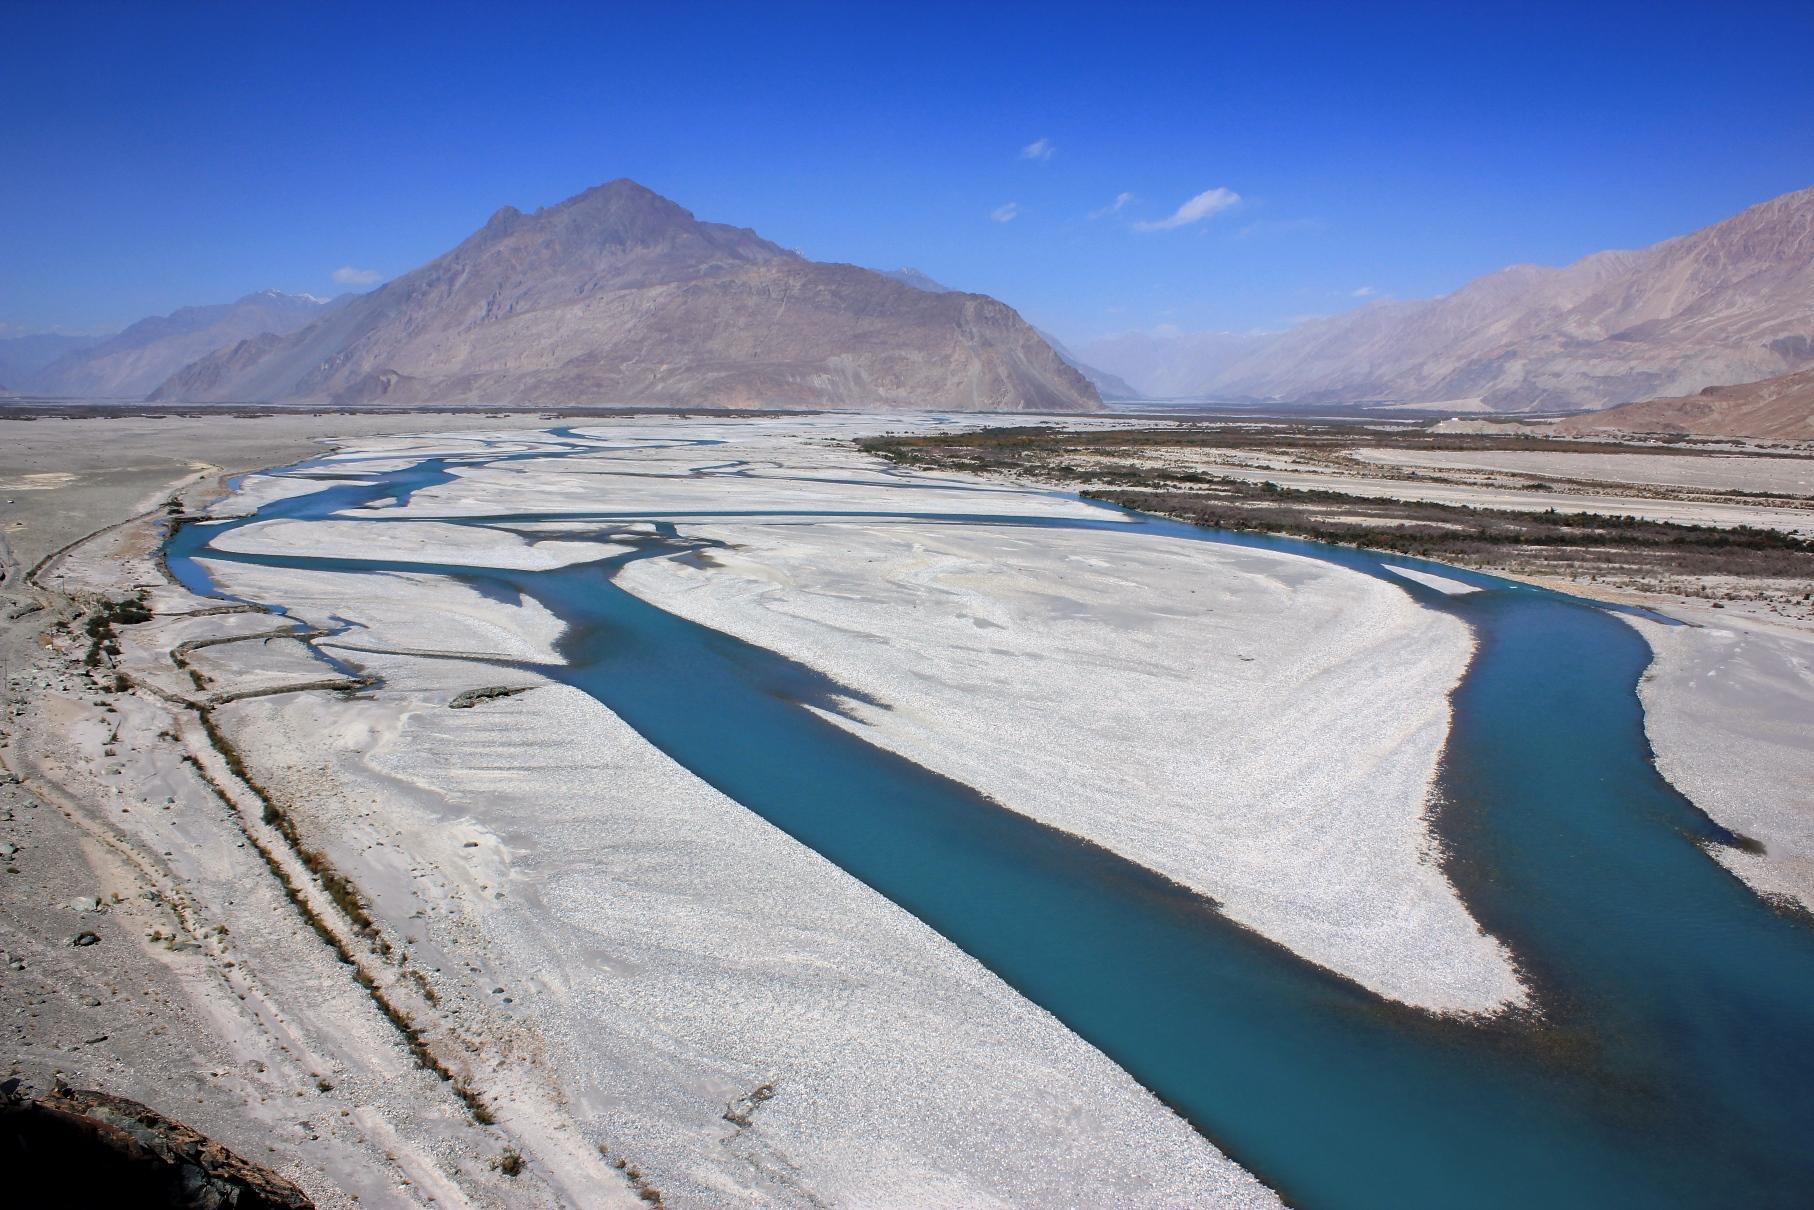 シャヨク川とヌブラ川が合流するヌブラ渓谷(4日目)